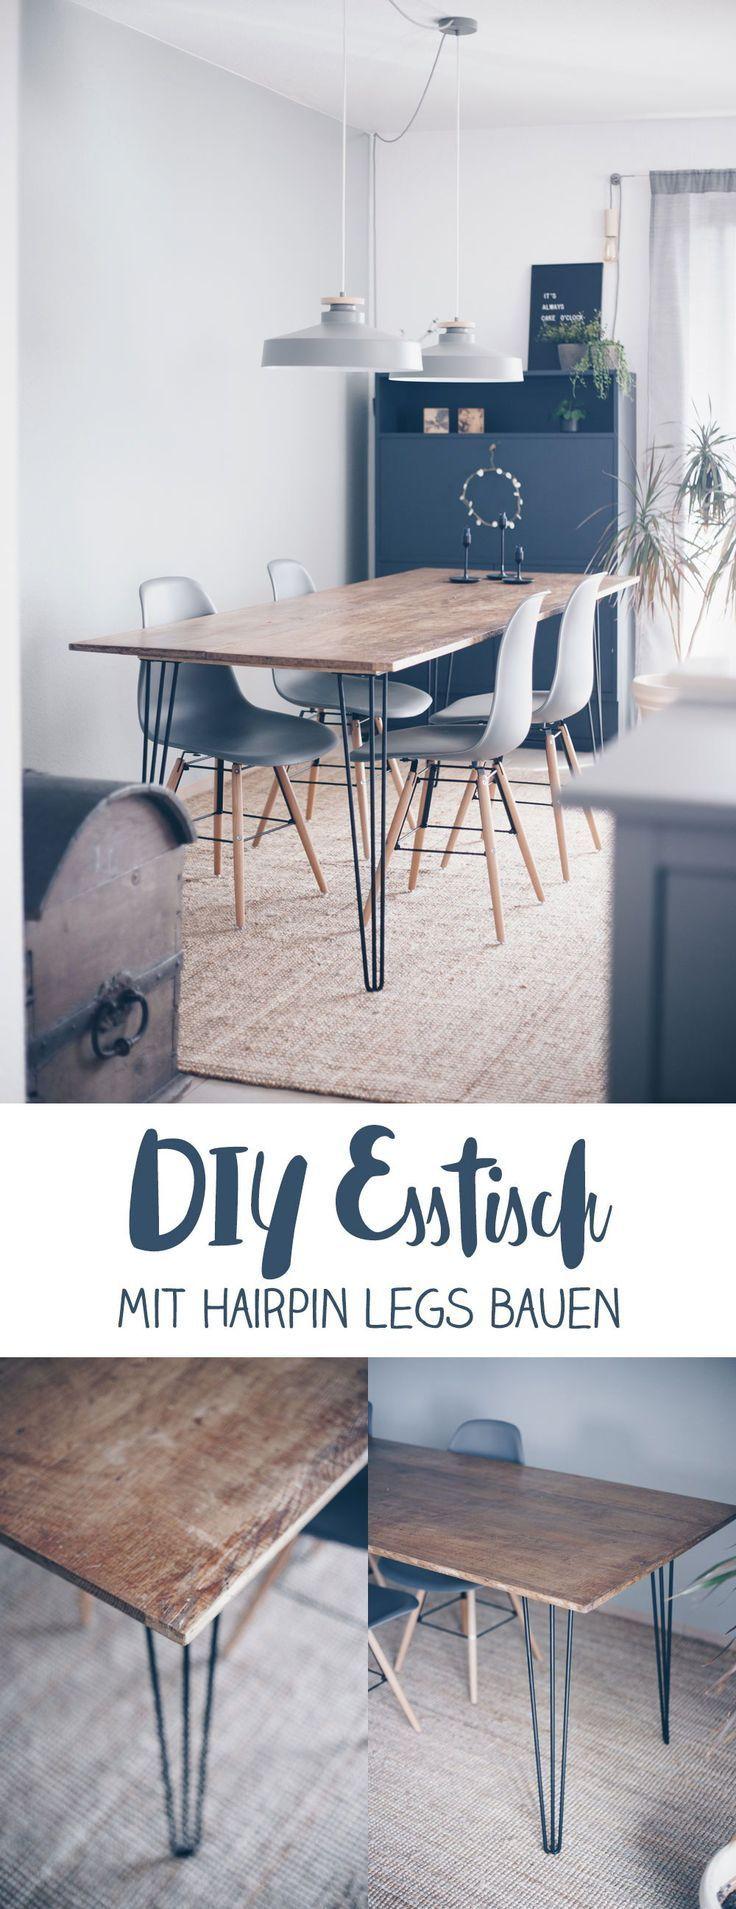 DIY Esstisch mit Hairpin Legs selbermachen – Möbel selber bauen – DIY Idee